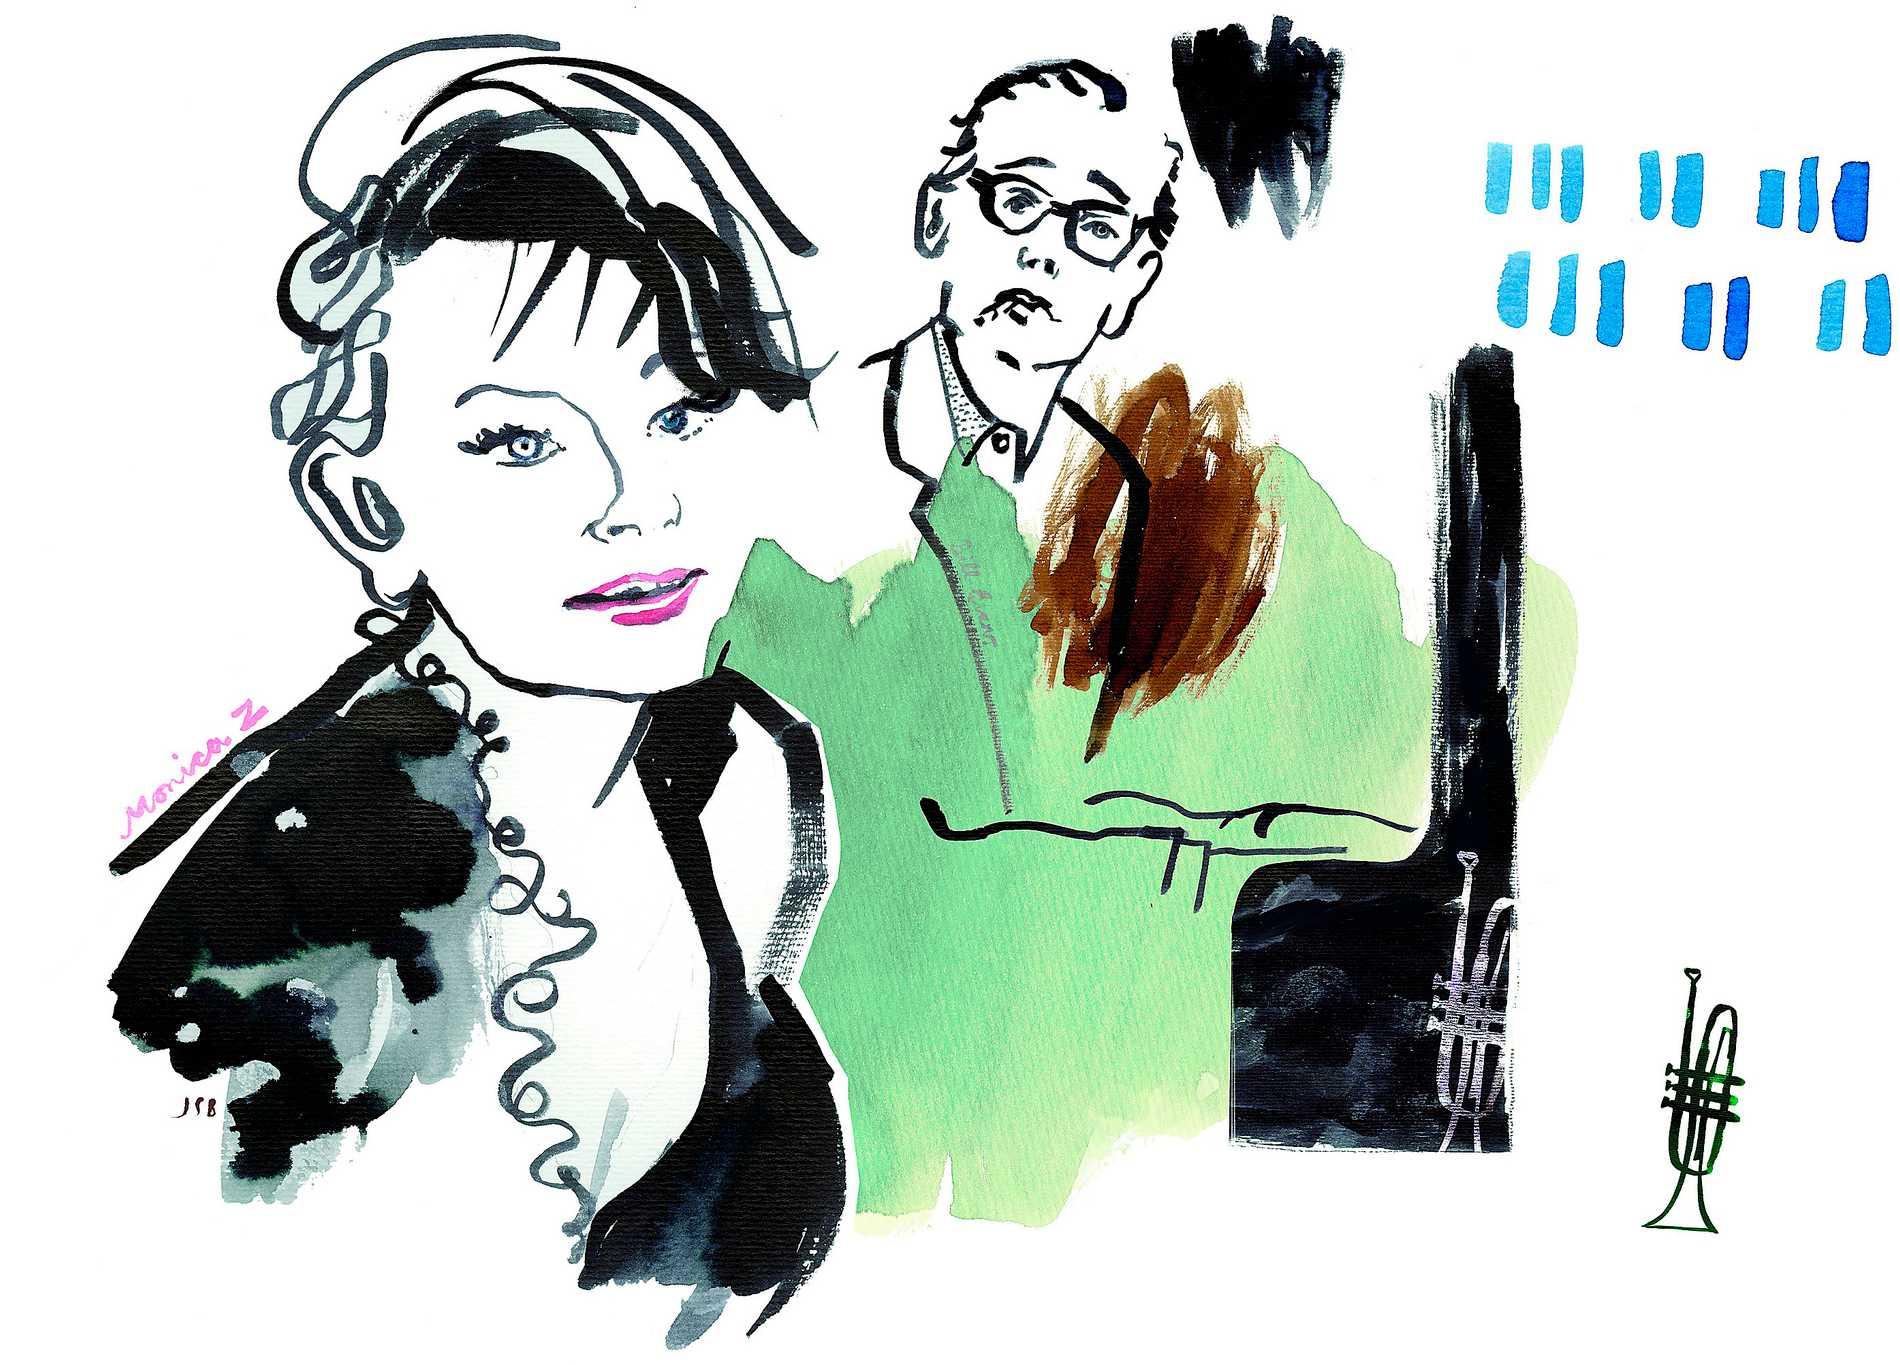 Monica Zetterlund med den amerikanske pianisten Bill Evans. Illustration av Jenny Svenberg Bunnel som just nu ställer ut sina teckningar på jazzklubben Fasching i Stockholm.